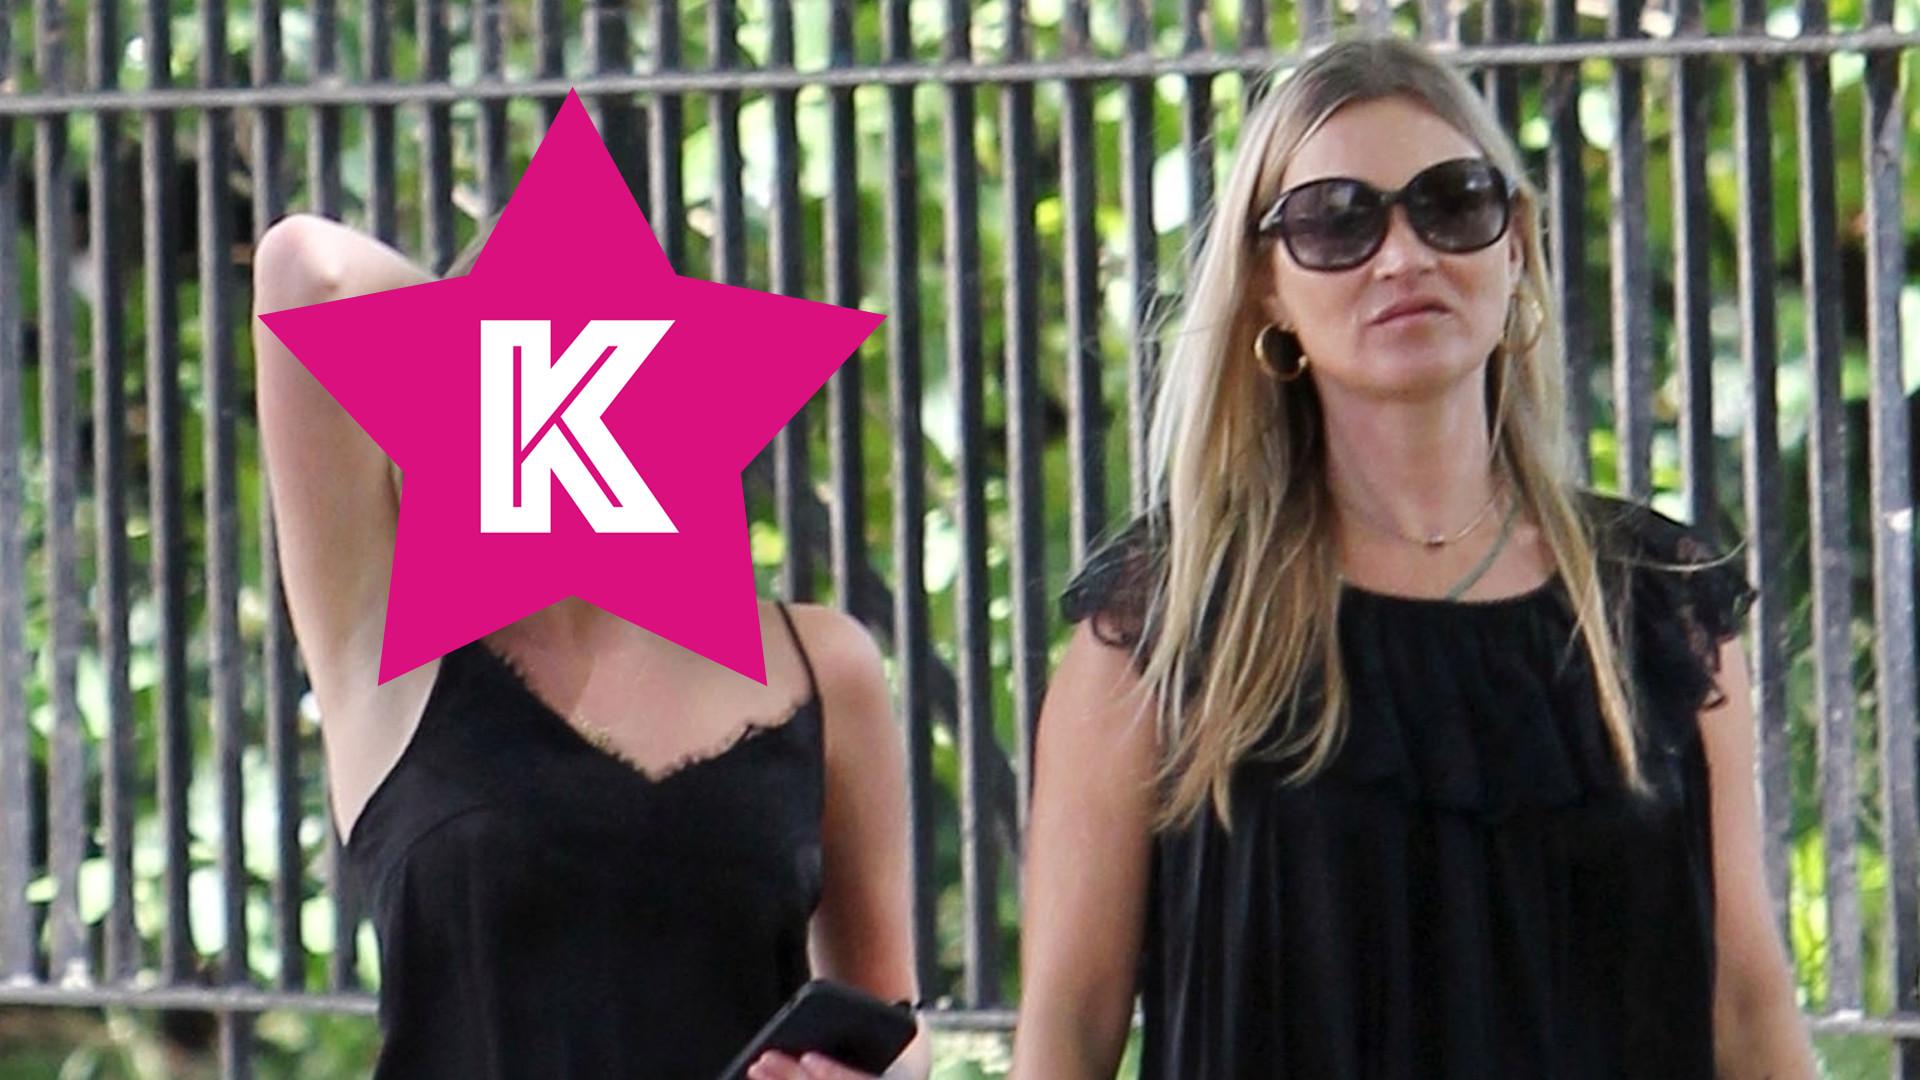 Córka Kate Moss jest coraz bardziej podobna do mamy (ZDJĘCIA)